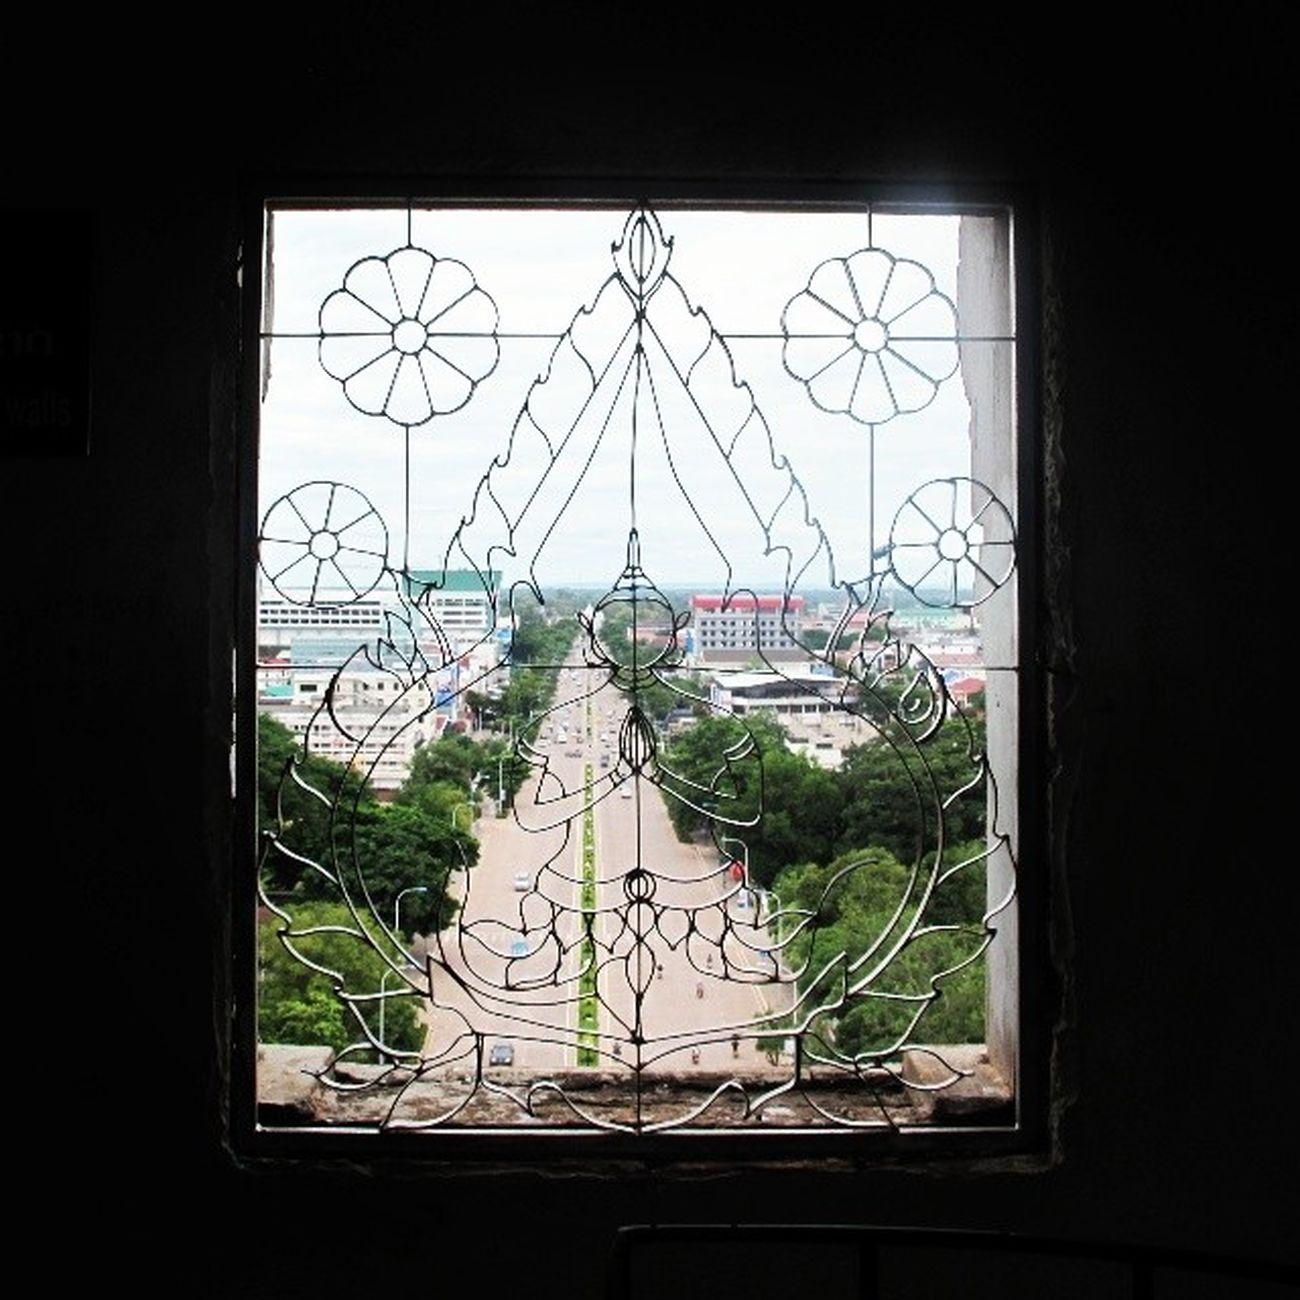 ประตูชัย แห่ง เวียนเทียน Patuxay Vientiane Laos Travel Backpacking happiness